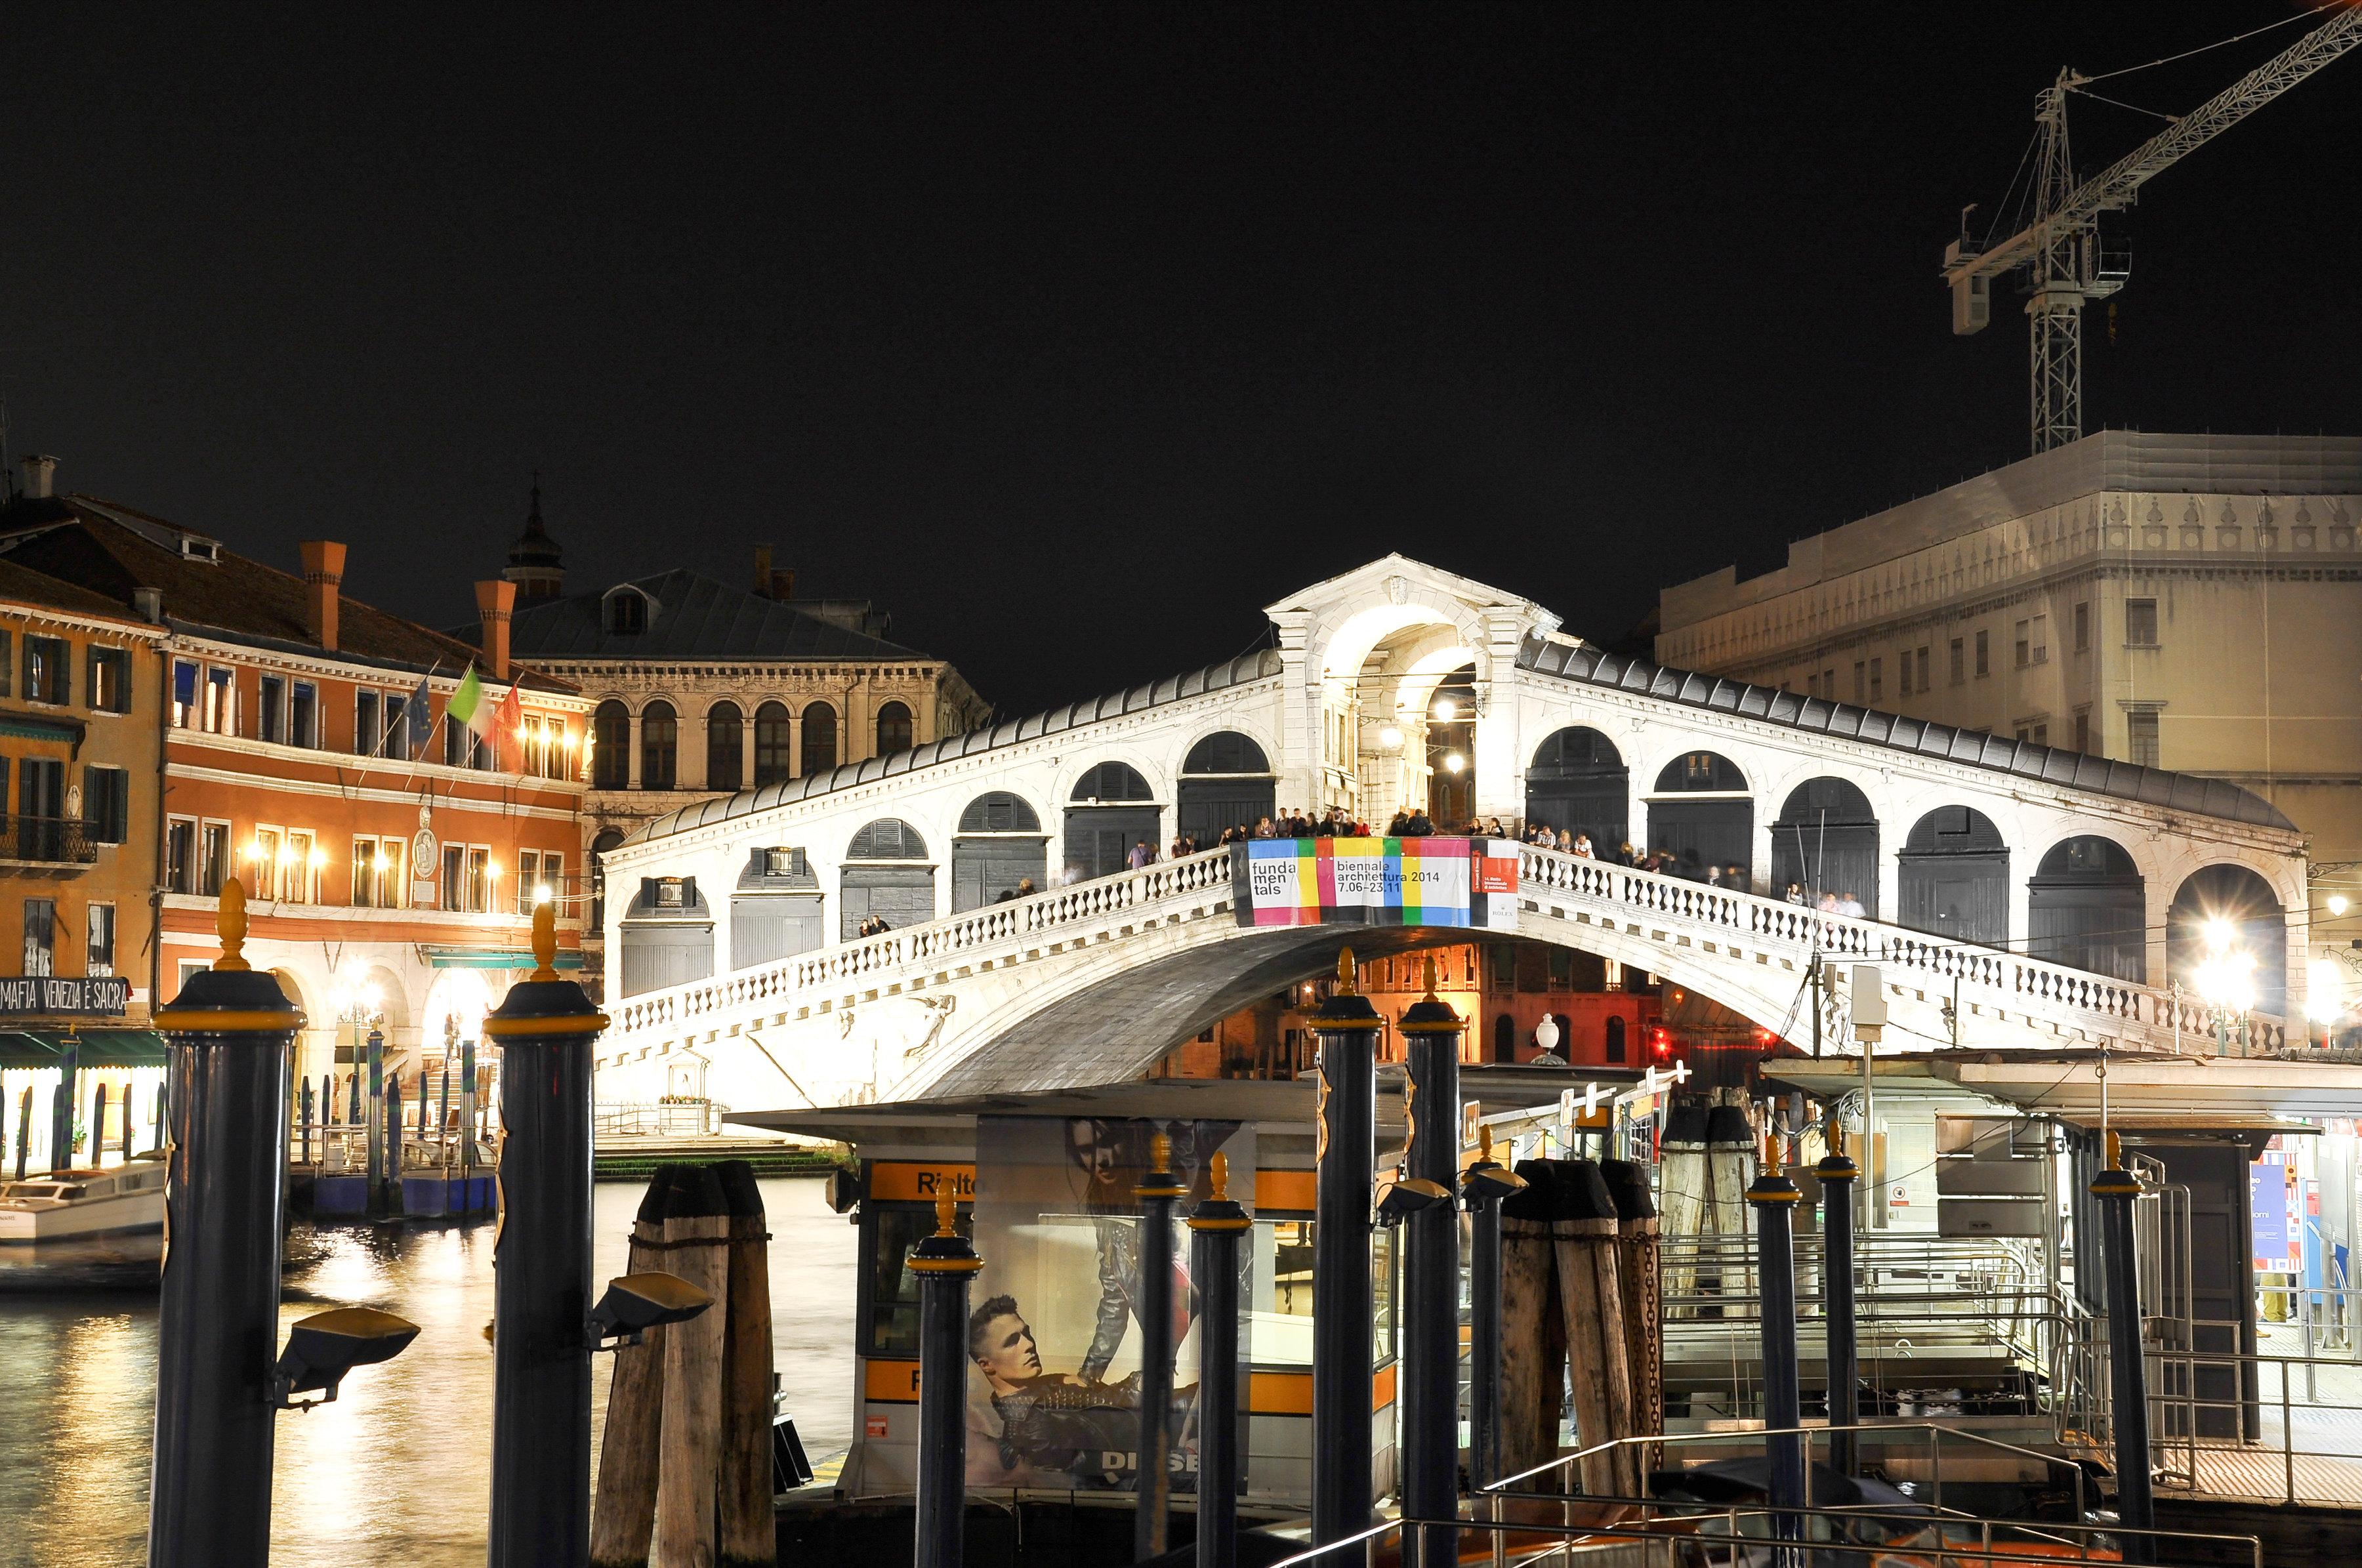 里亚托桥  Rialto Bridge   -3